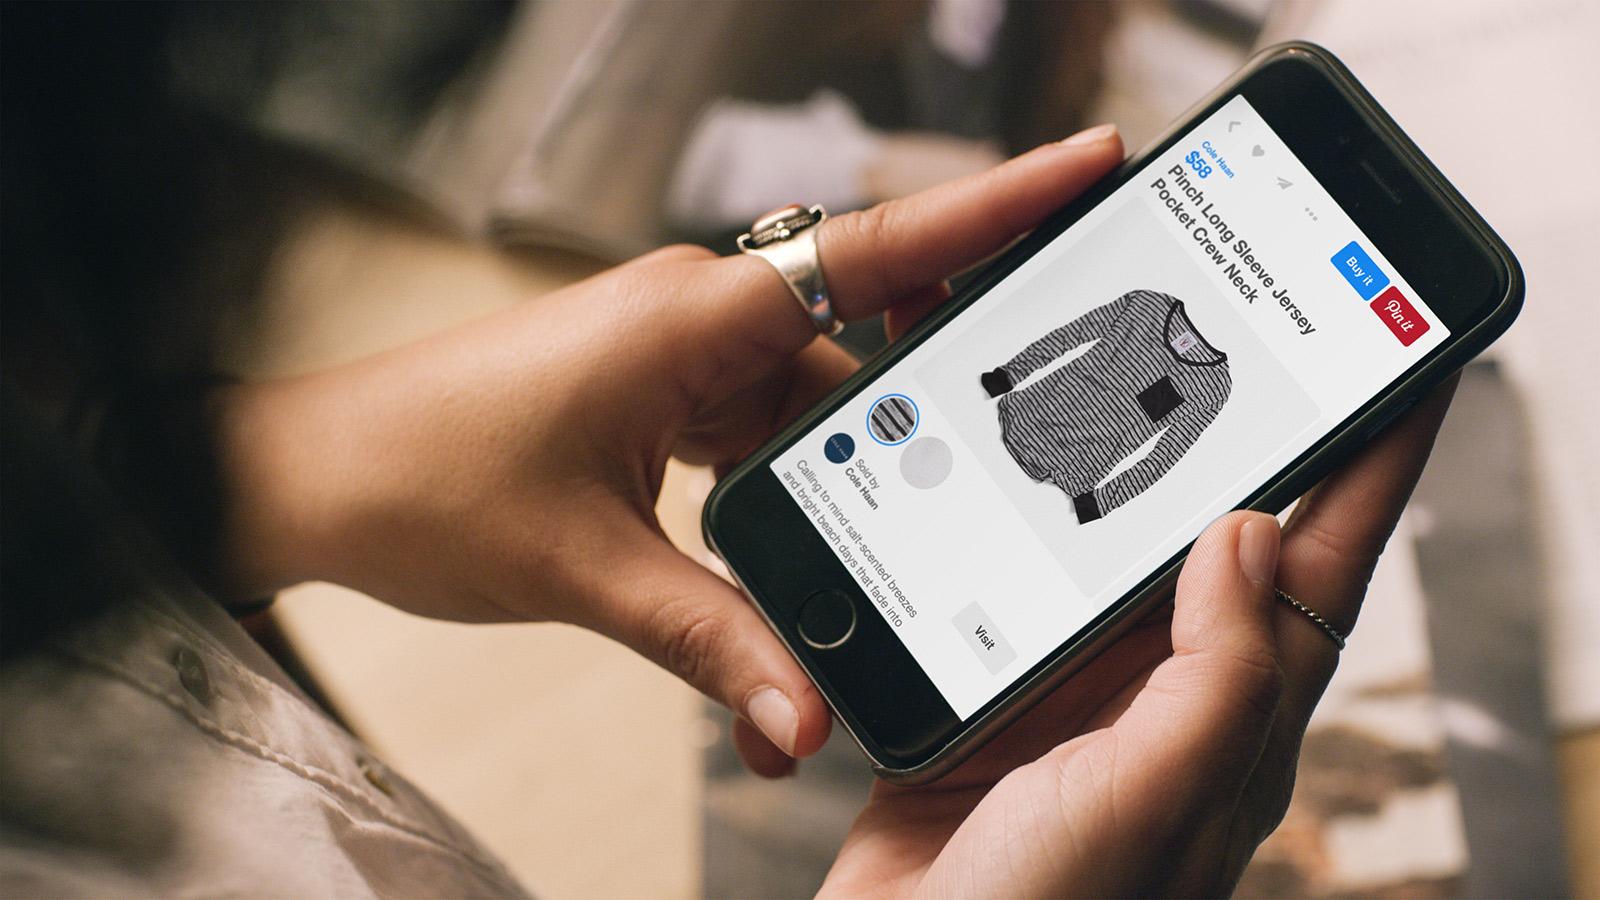 Snart lanserar Pinterest sin beryktade köpknapp